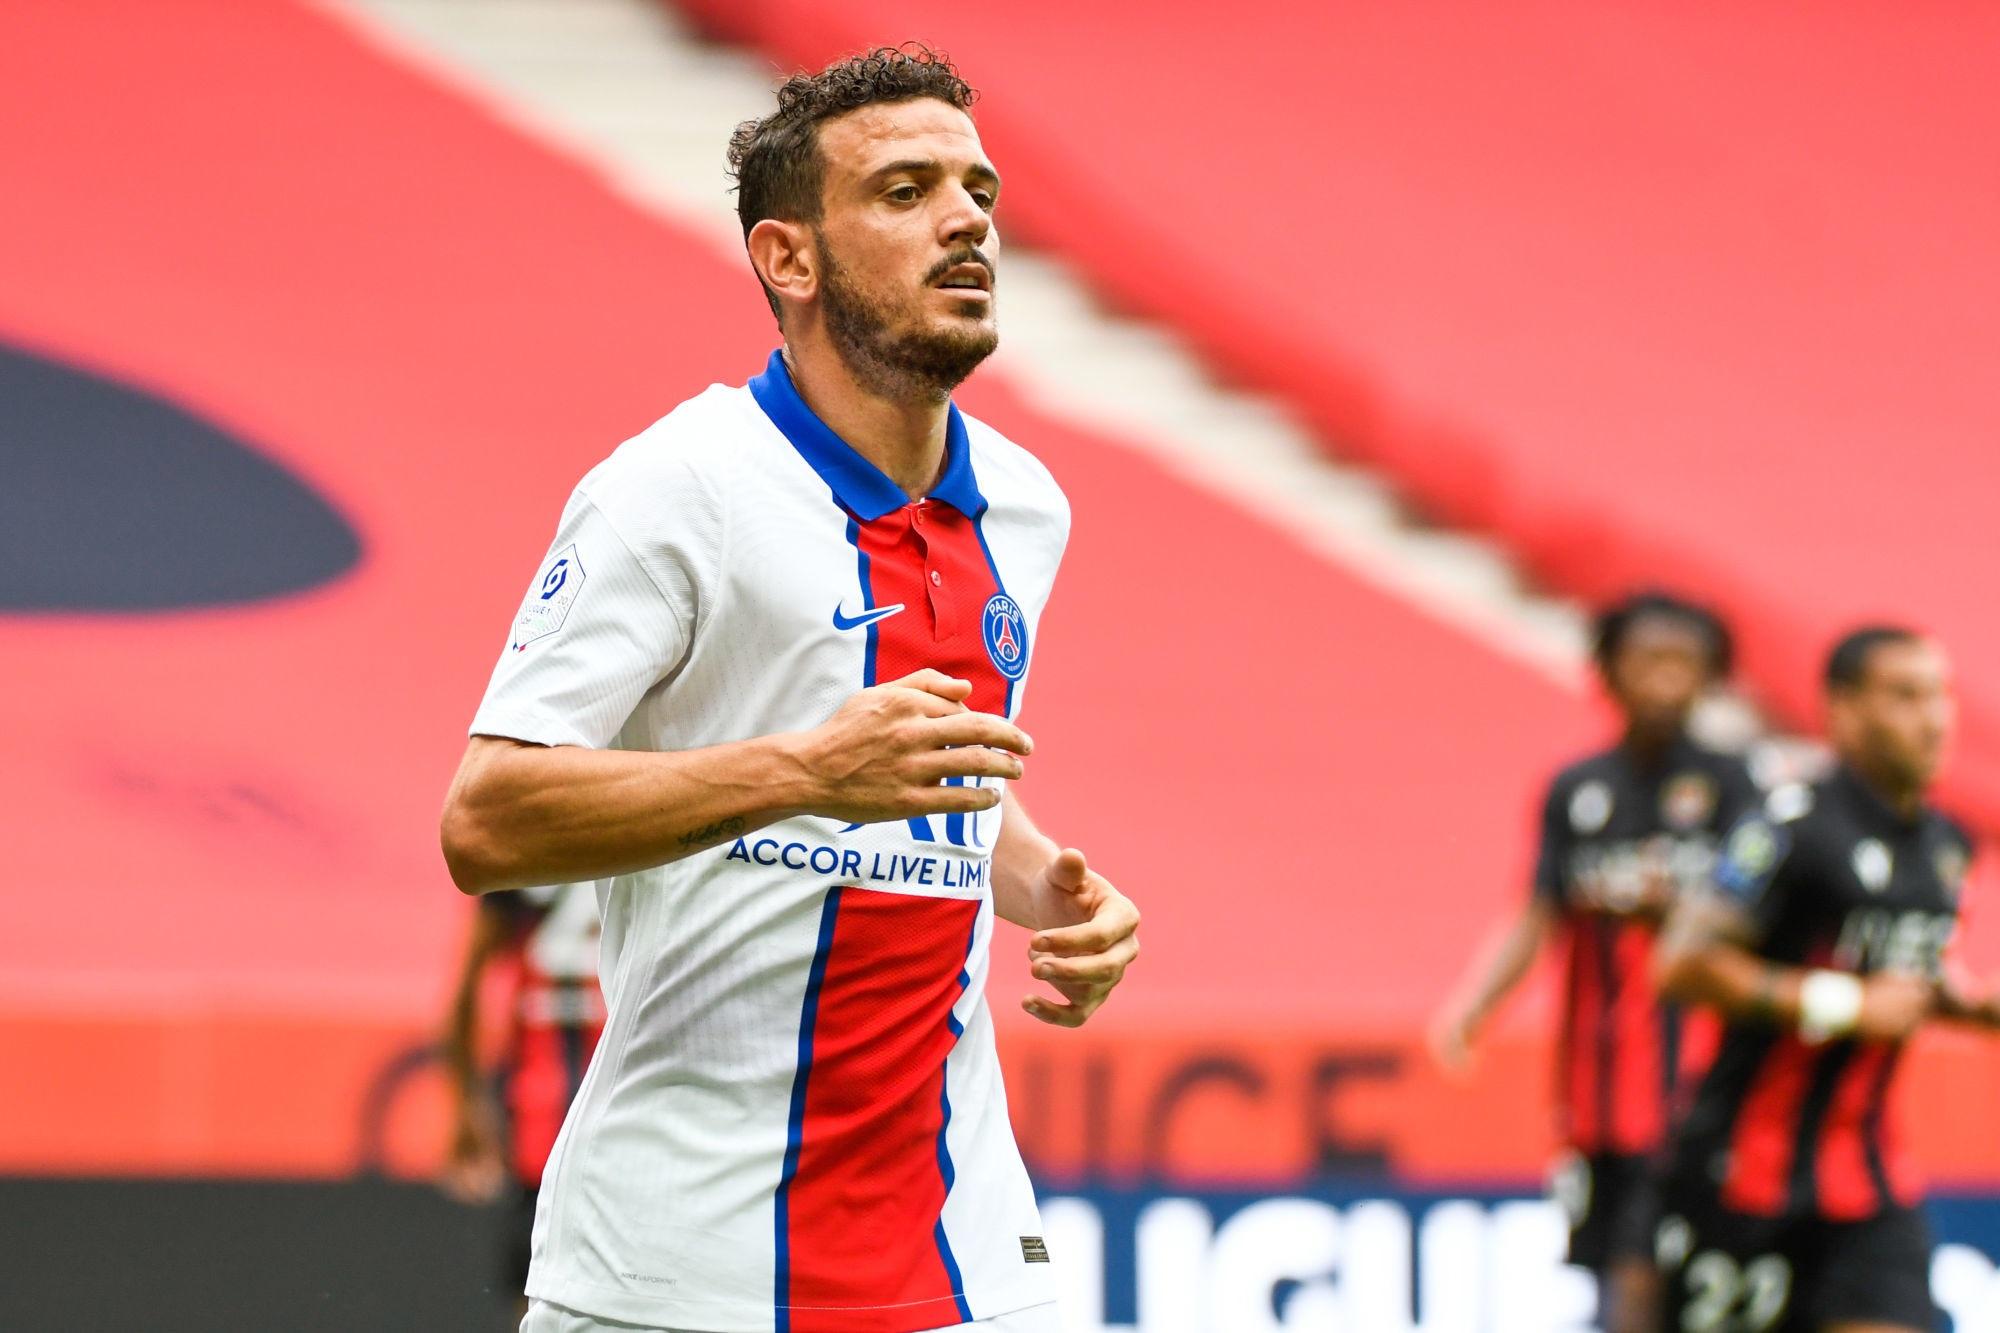 """Nice/PSG - Florenzi souligne la montée en puissance et assure """"Je me sens vraiment bien à Paris"""""""